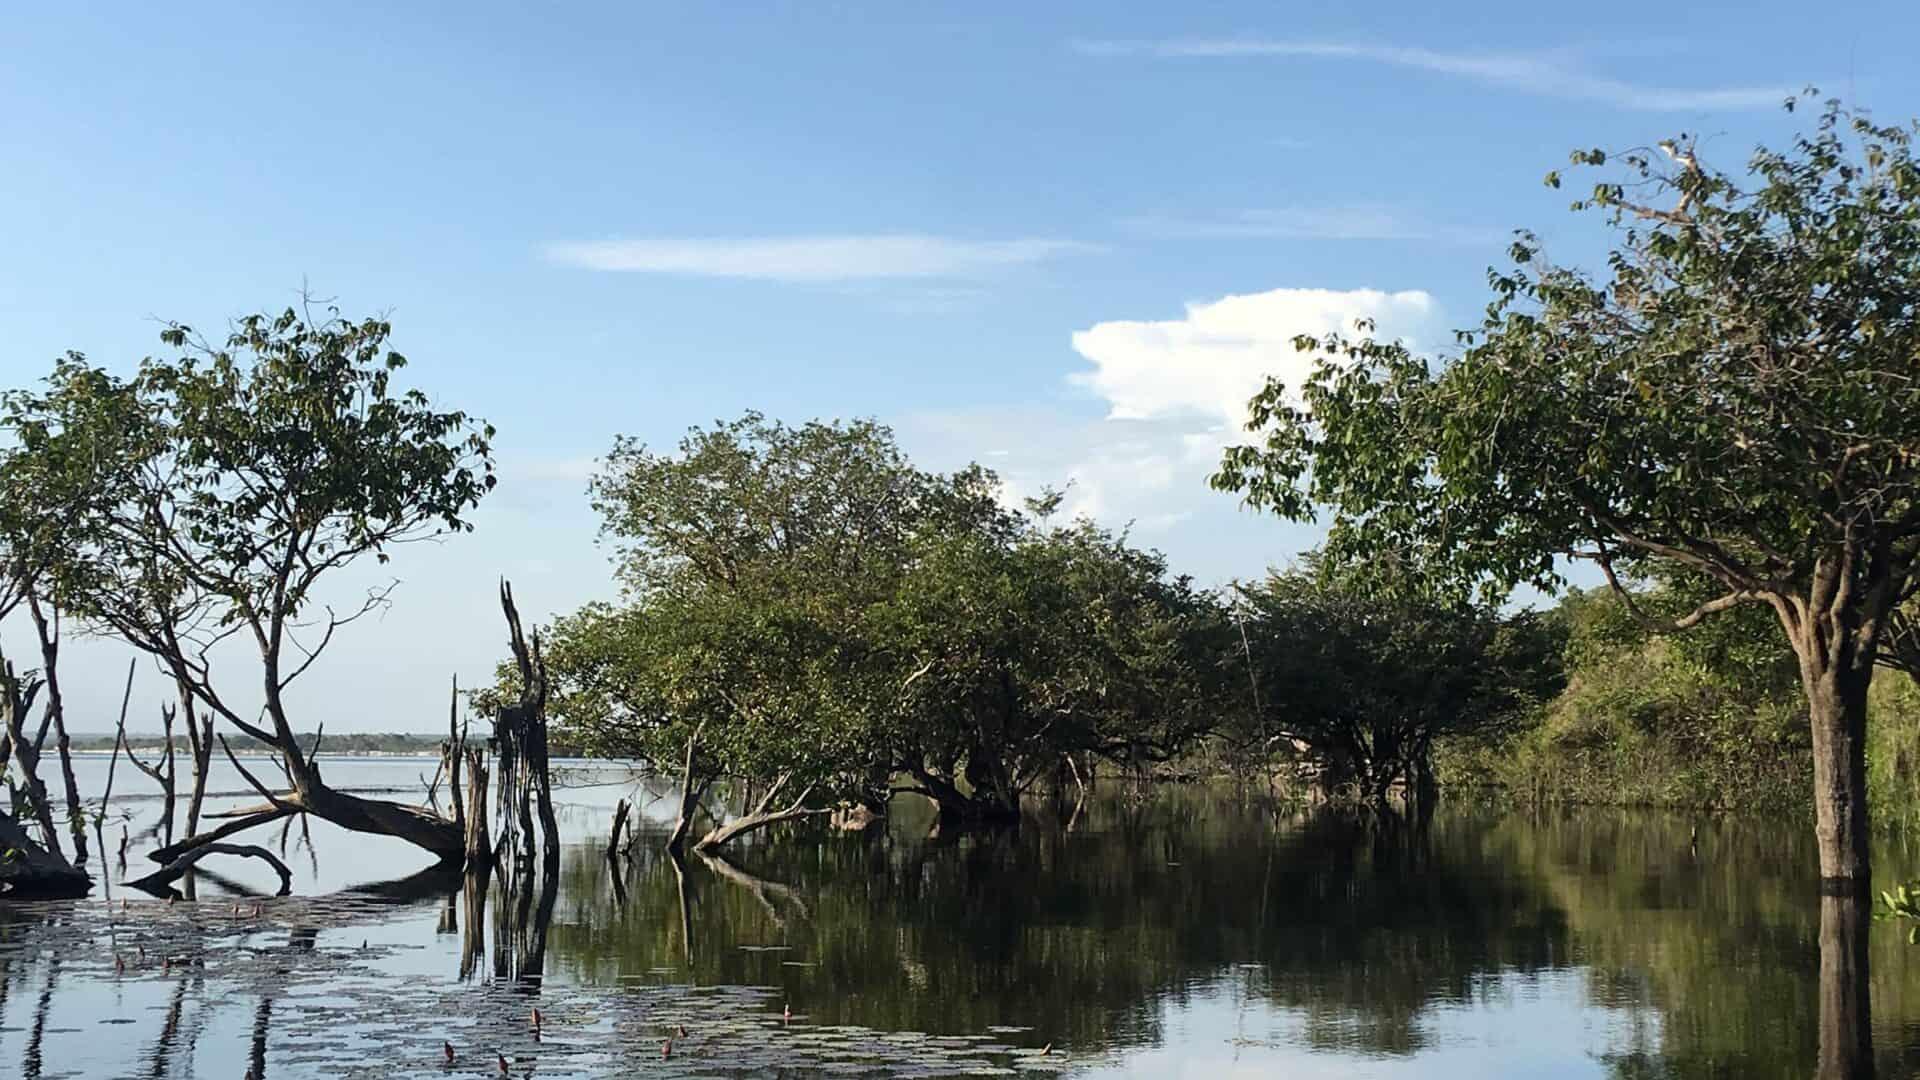 Paisagem de árvores imersas em rio, na Amazônia paraense